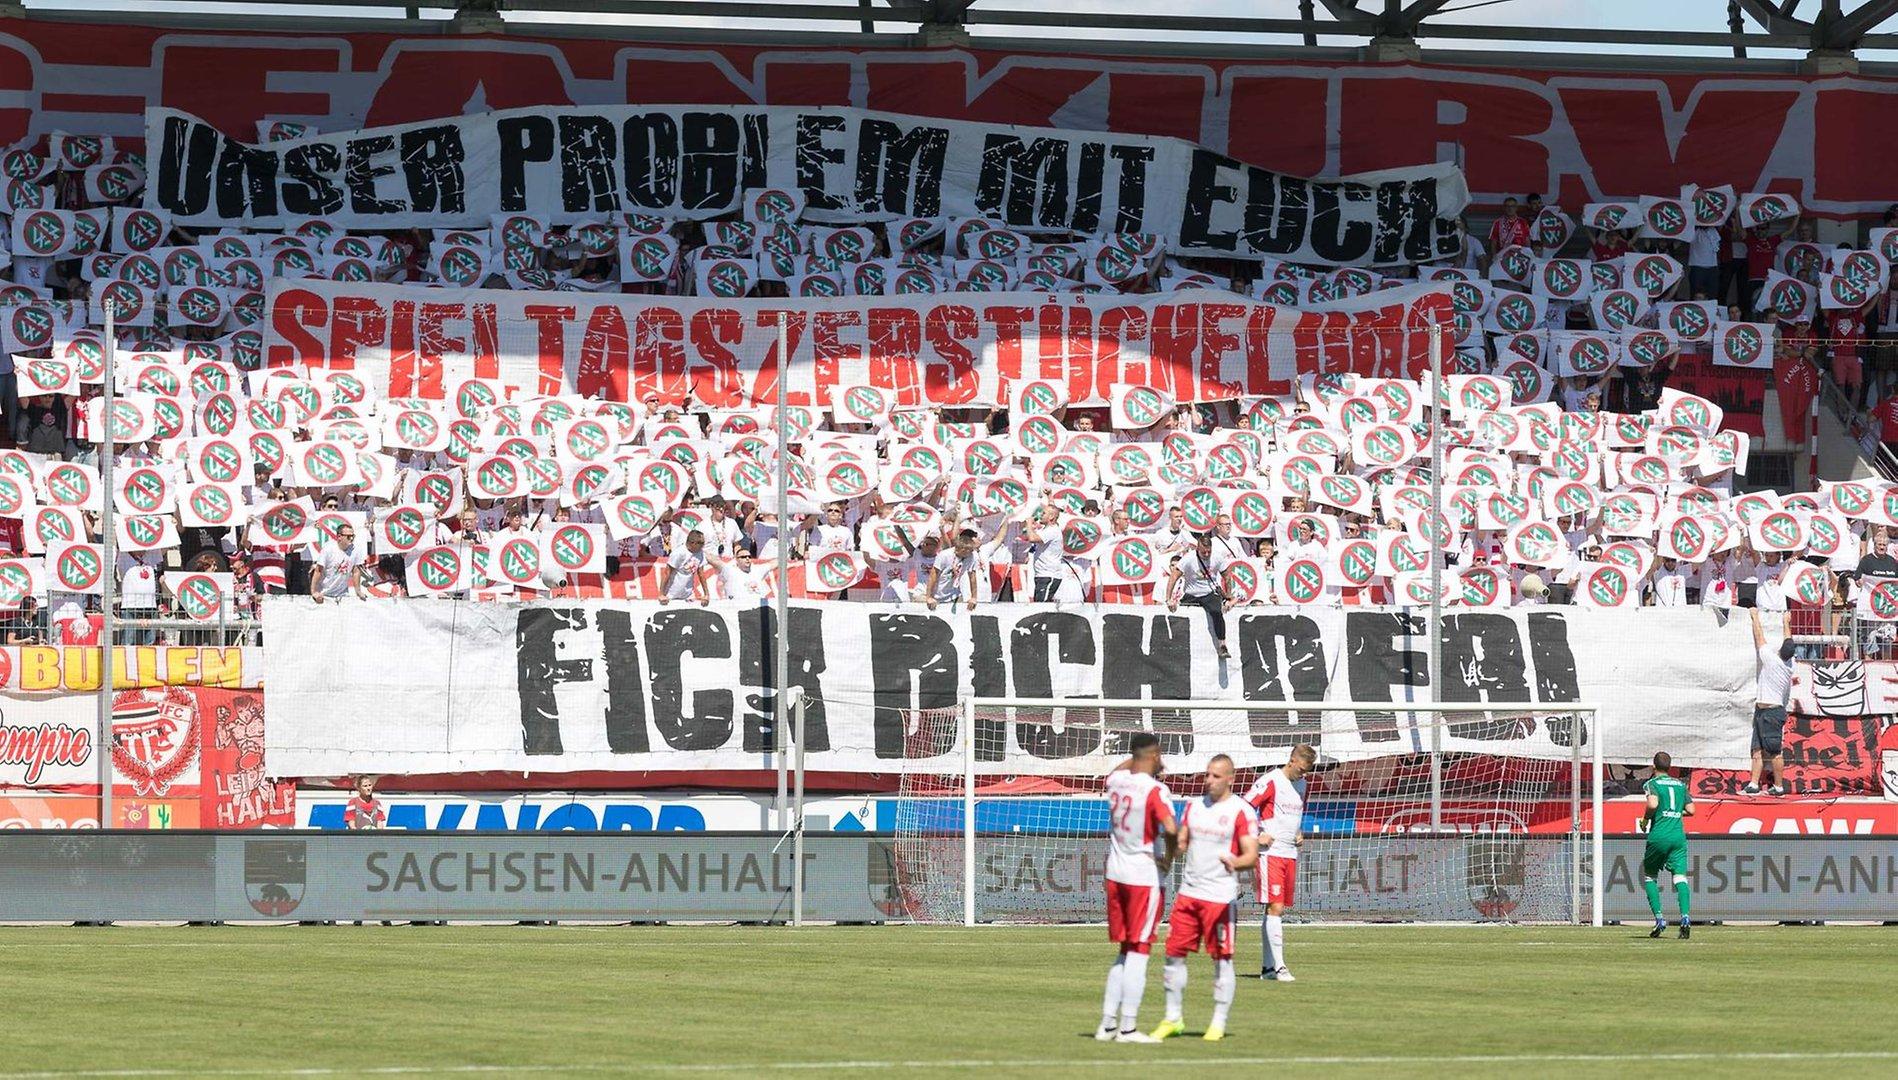 [Allemagne] Les supporters grondent à l'unisson contre la DFB et la DFL